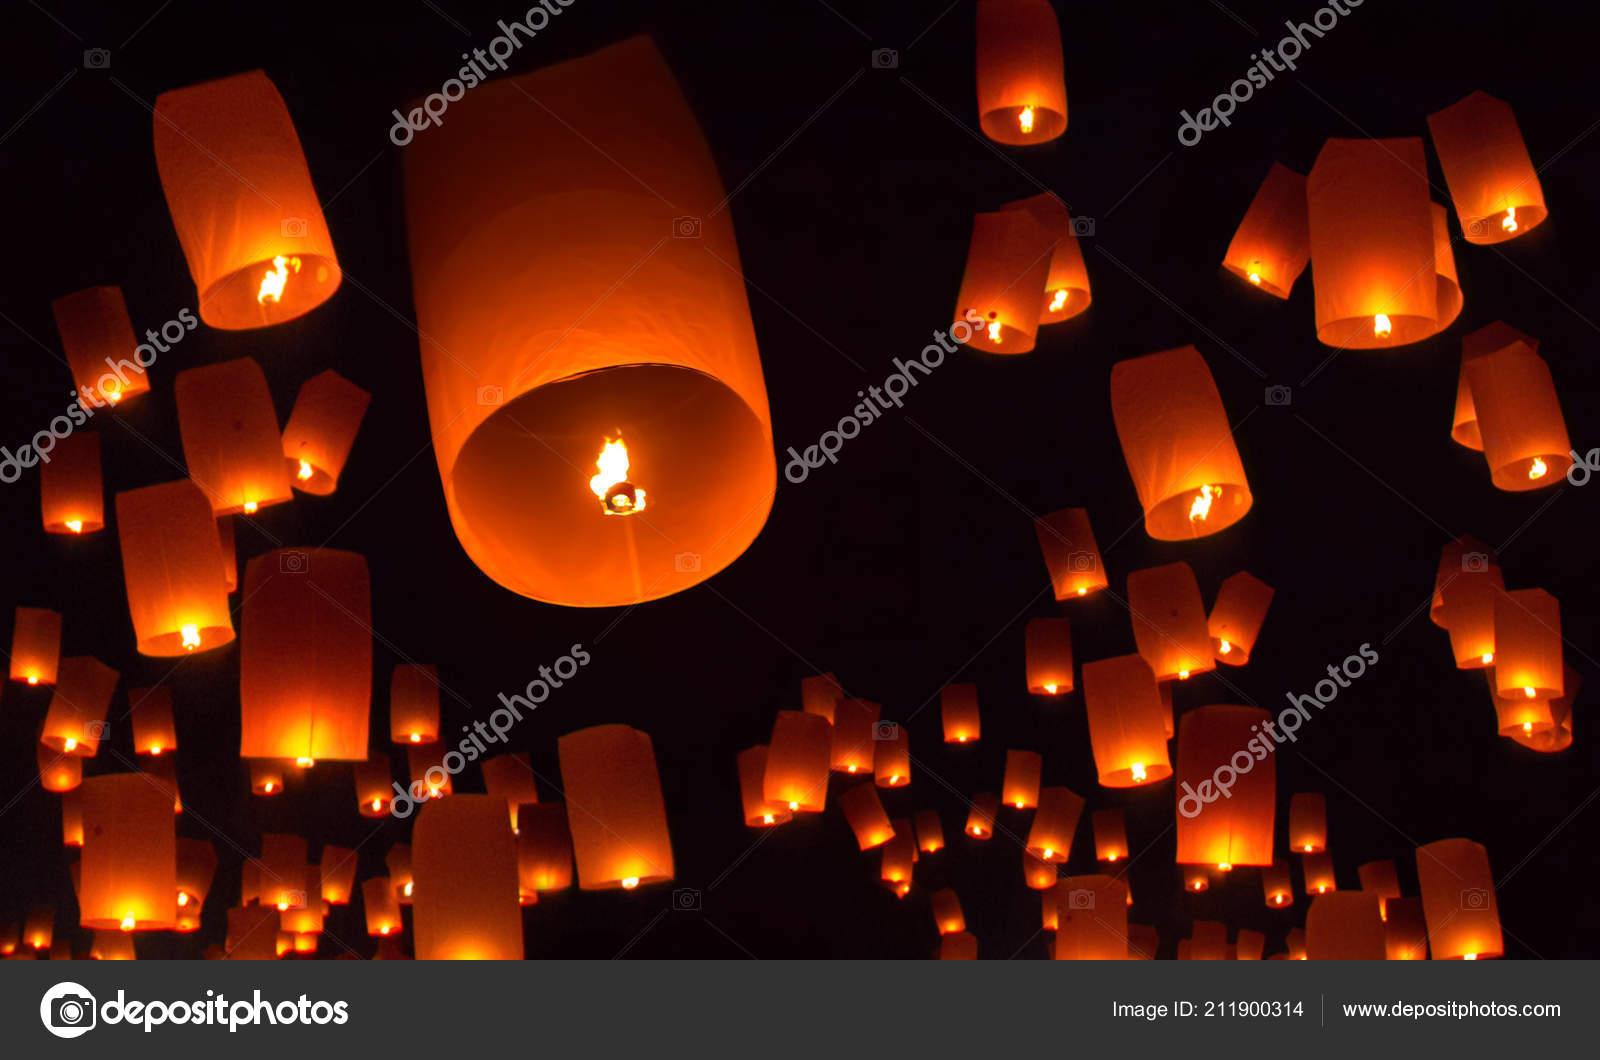 Floating Lanterns Night Sky Background Stock Photo C Pepscostudio 211900314